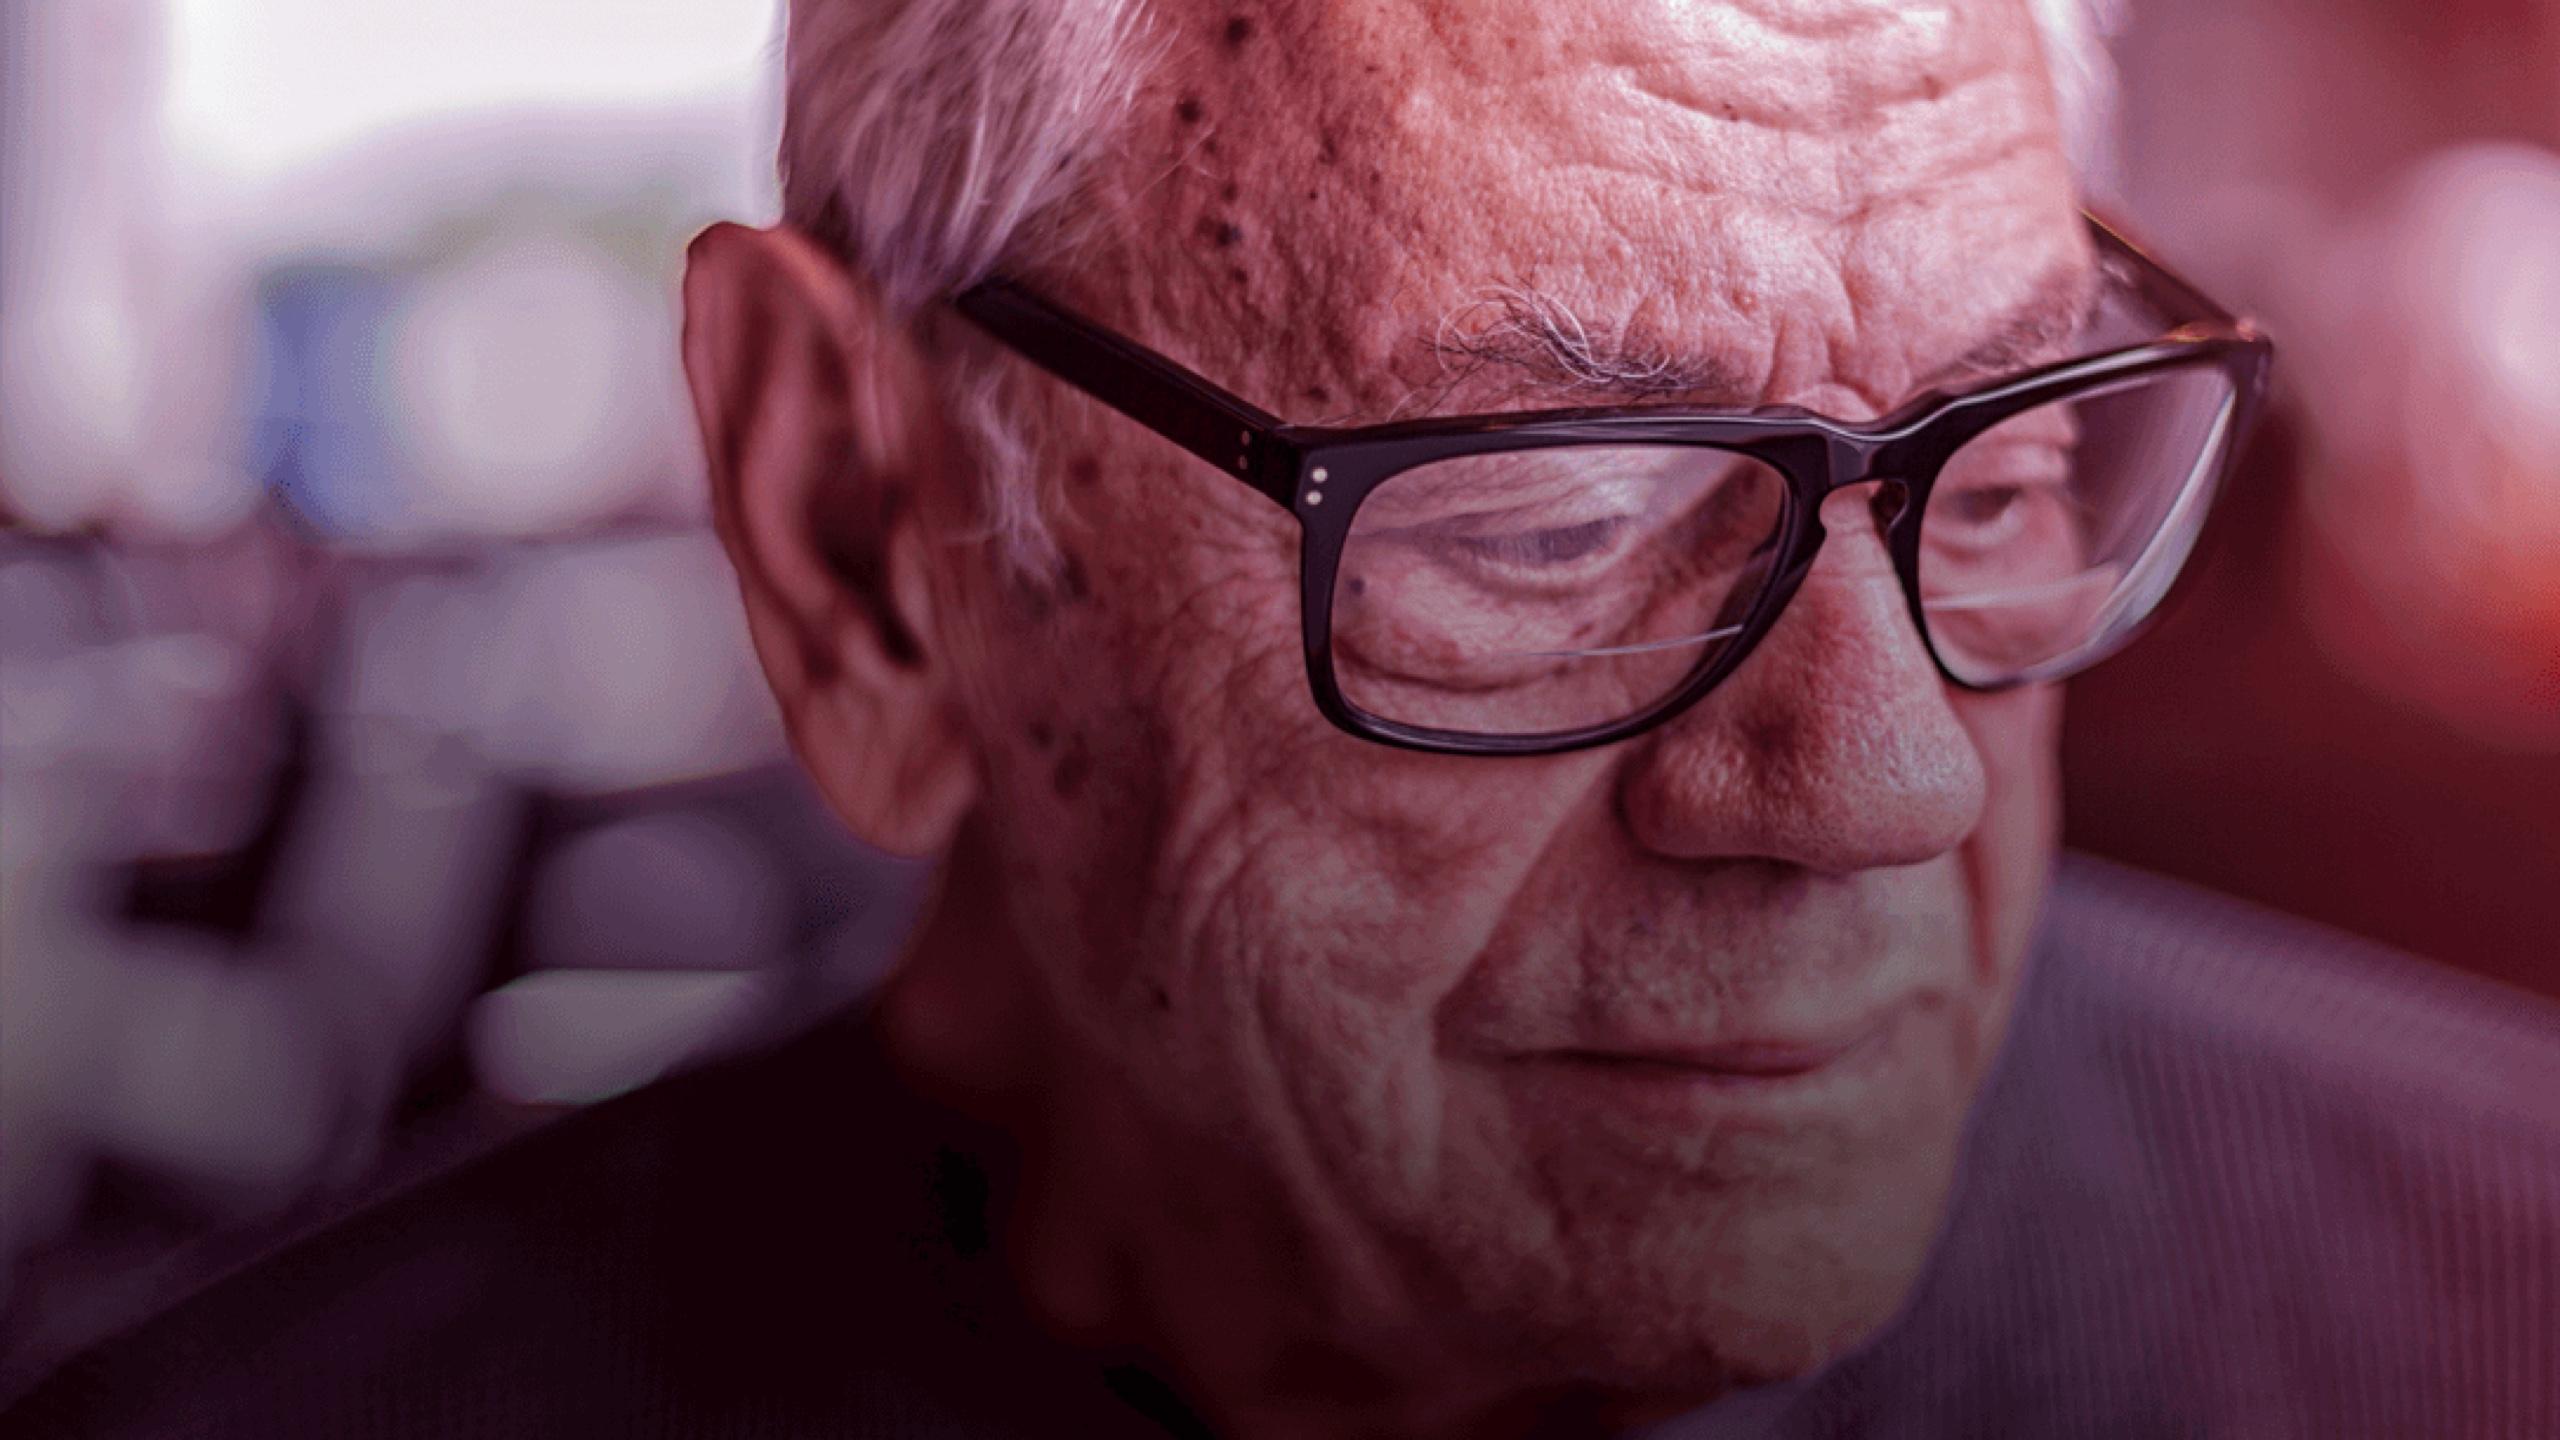 Image of elderly gentleman wearing glasses looking down